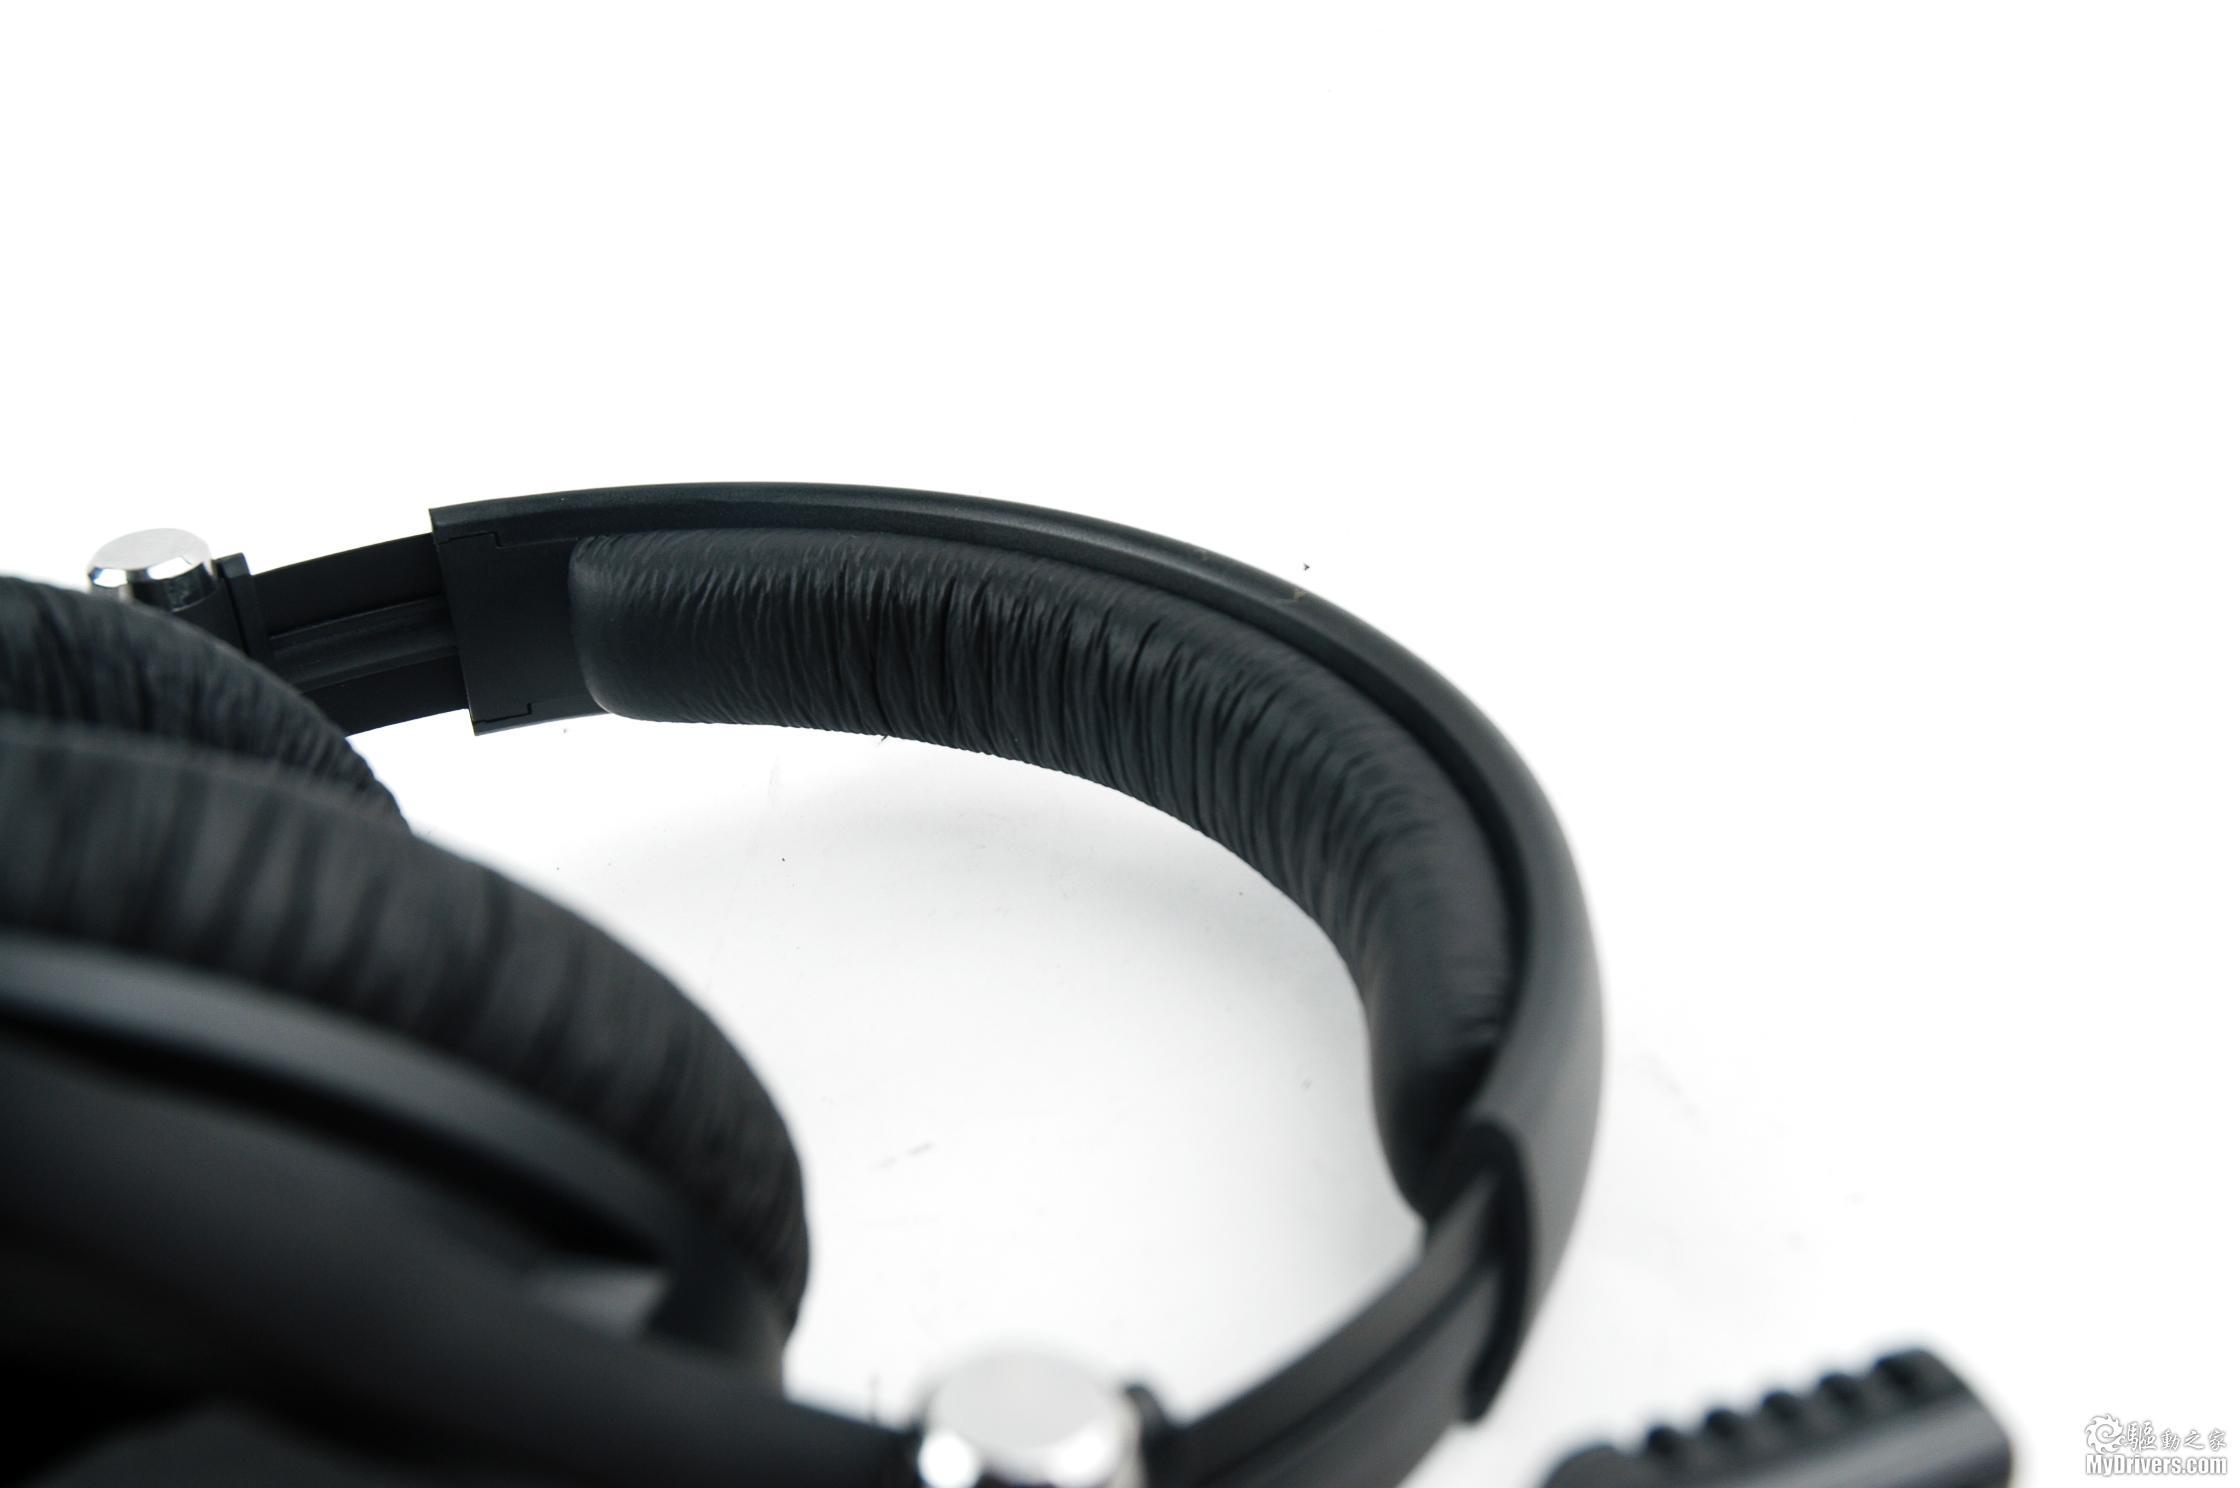 3000块的耳麦带上啥感觉 森海塞尔pc350试听